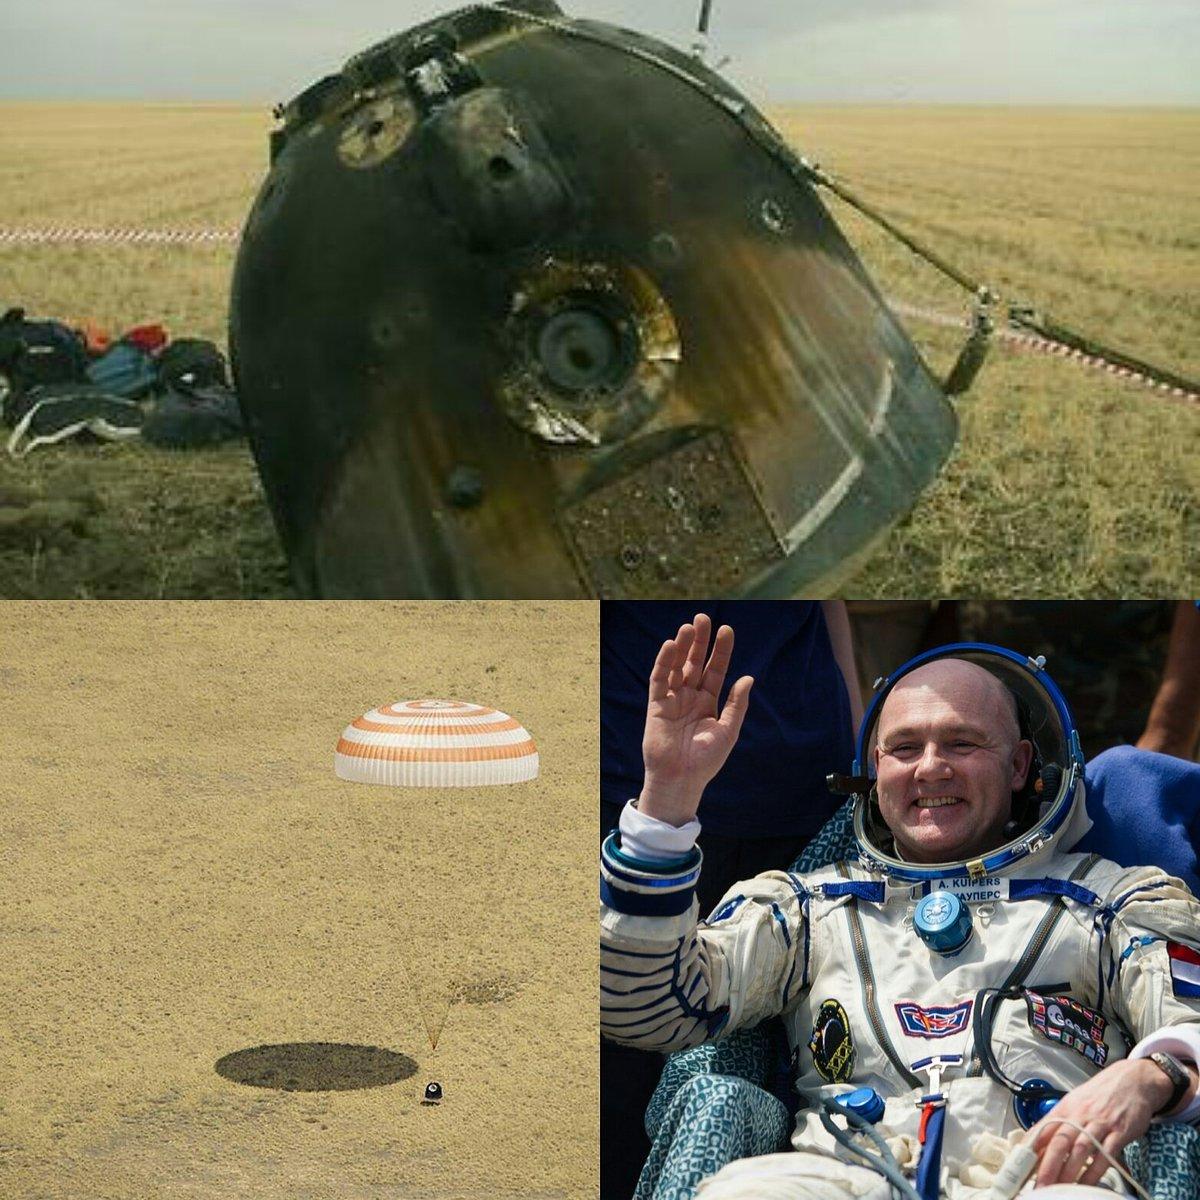 Min #Kamp, @astro_andre en #cosmonaut kononenko onthullen bij @Spaceexpo de SoyuzTMA-03M #capsule op 19 september. https://t.co/8HNL0ZQOiM